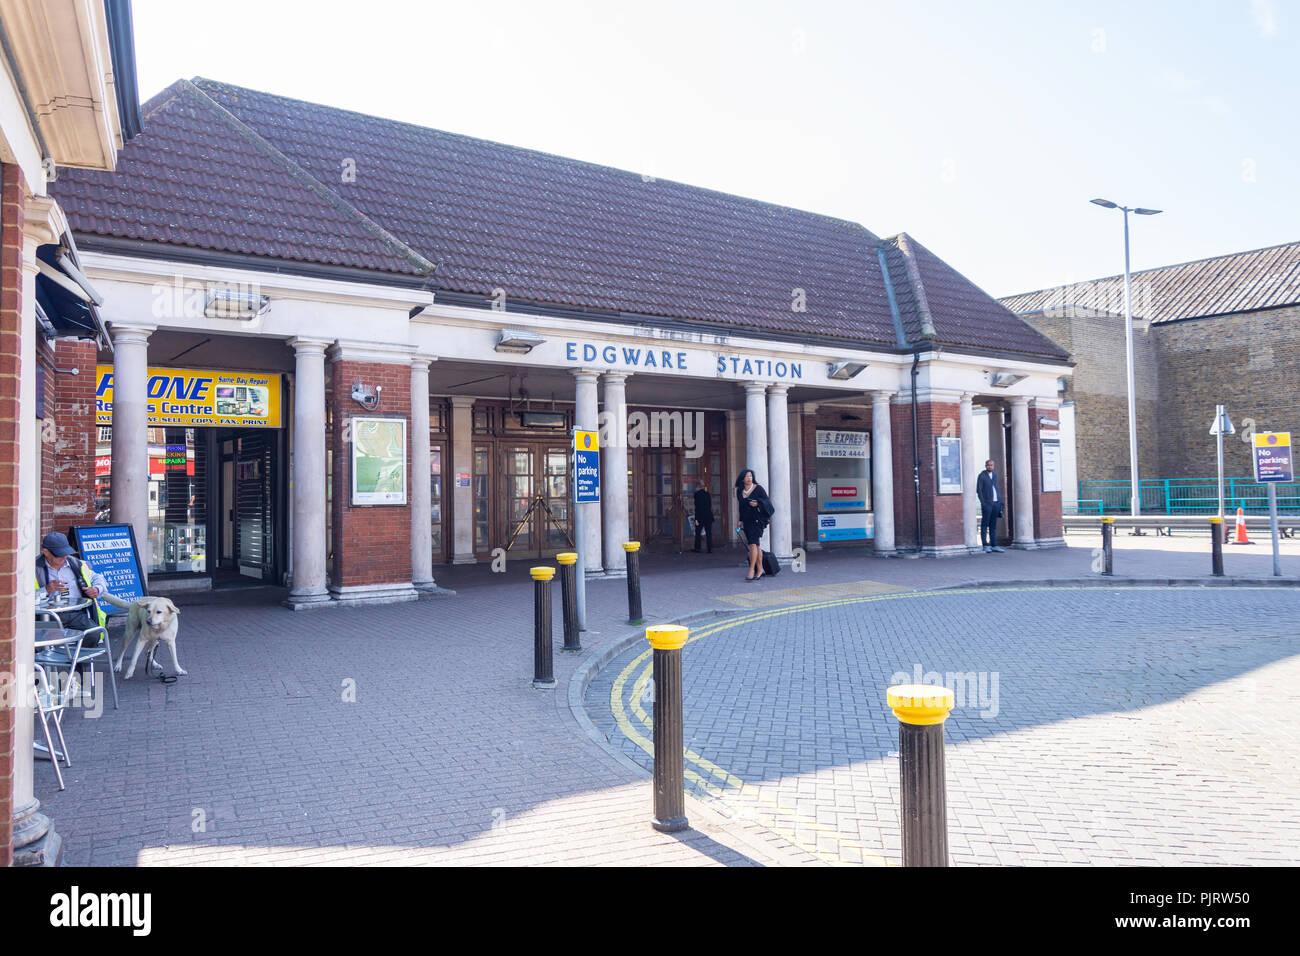 Edgware Underground Station, Station Road, Edgware, London Borough of Barnet, Greater London, England, United Kingdom - Stock Image